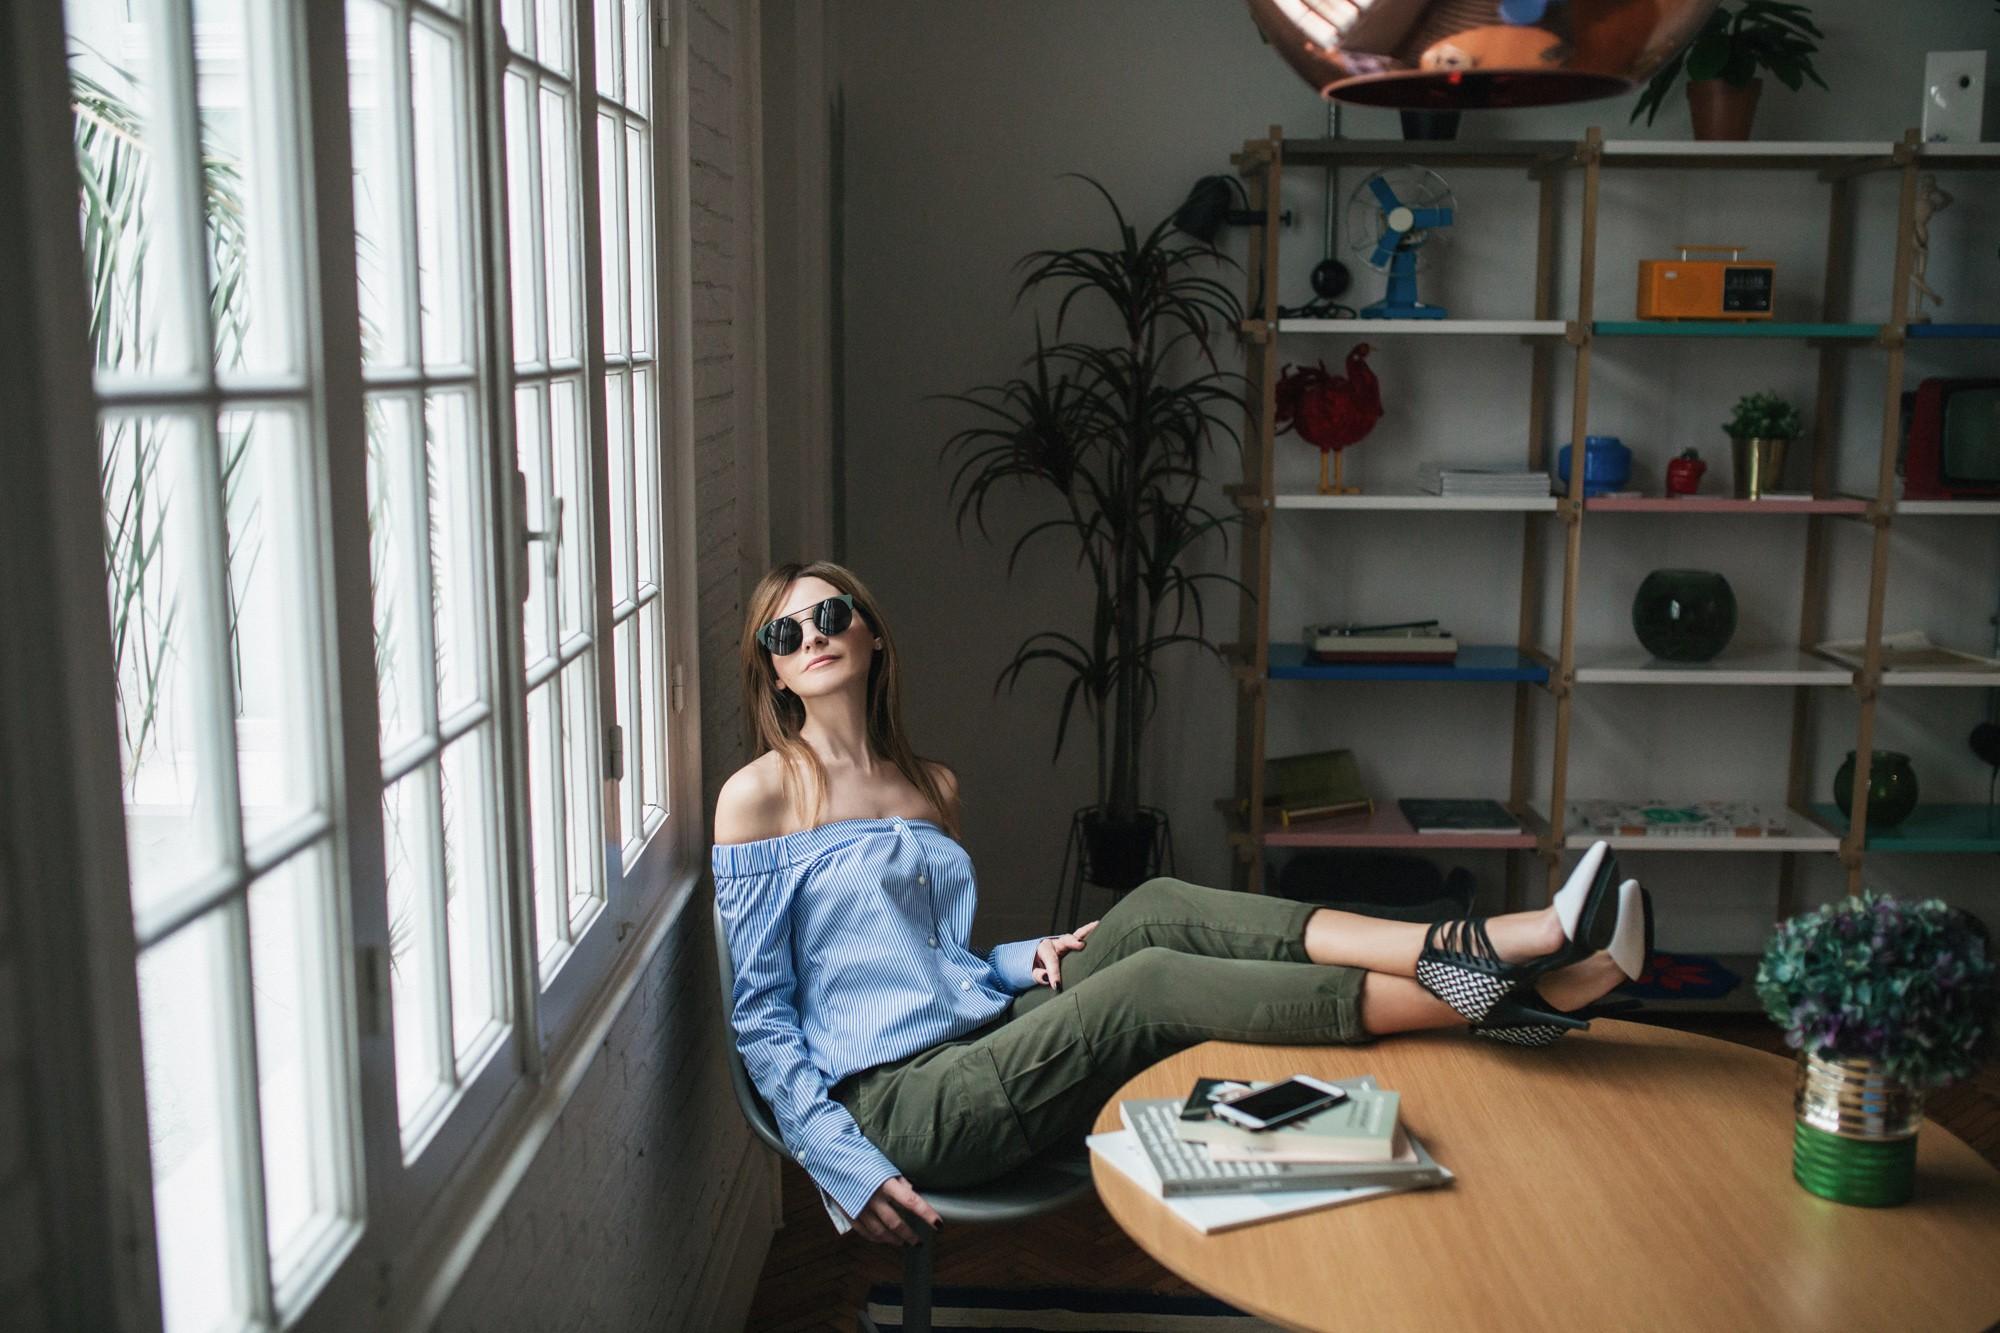 Φωτογράφιση ρούχων Θεσσαλονίκη | Φωτογράφιση ενδυμάτων Σταυρούλα Τσιτούρα